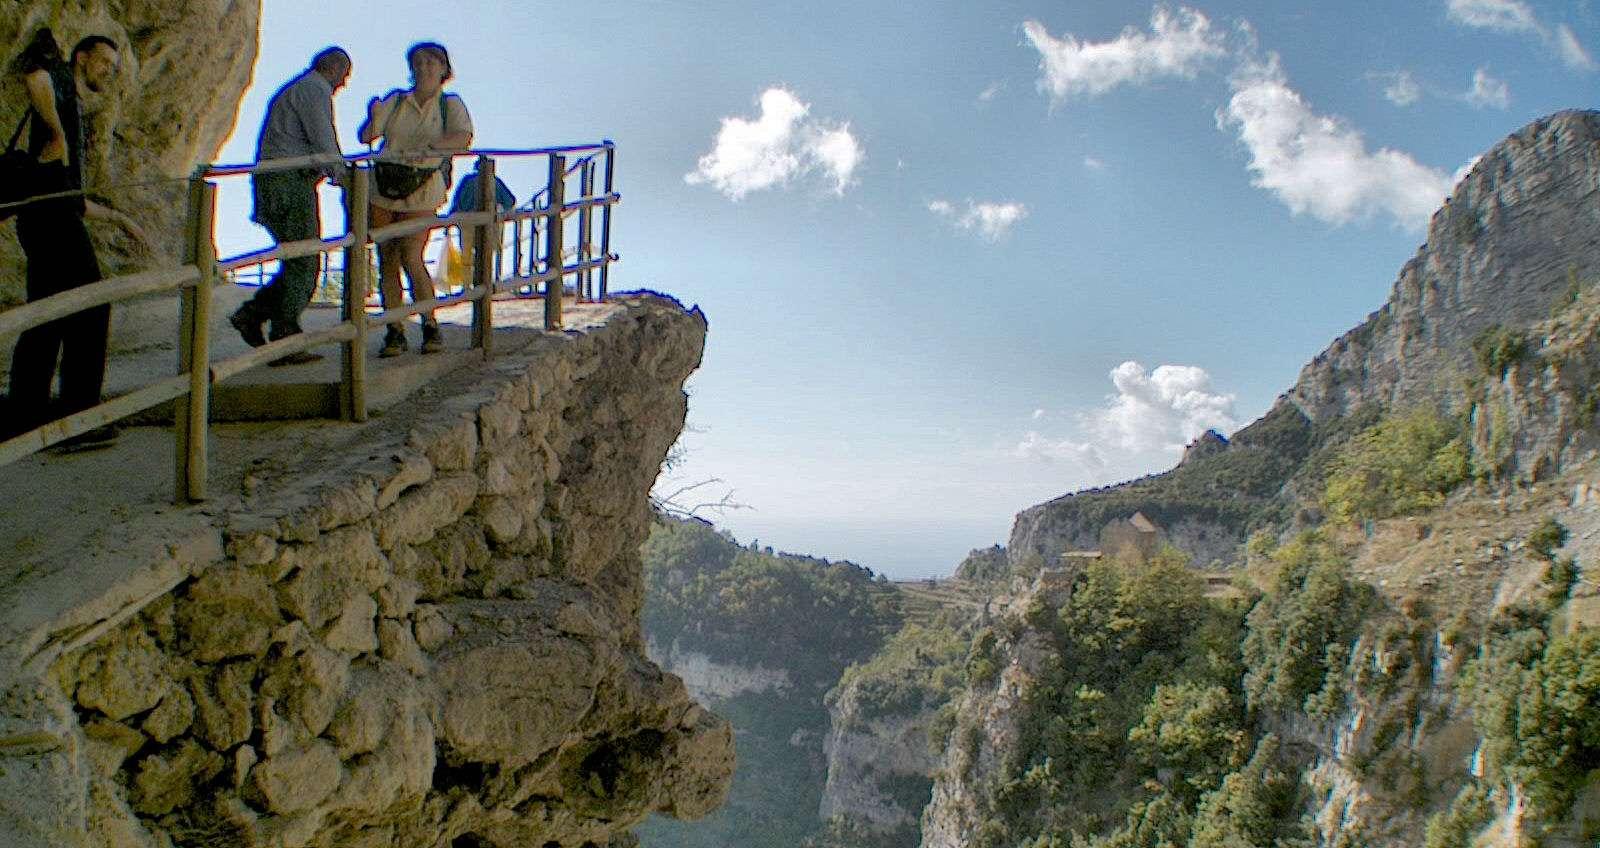 Vandring på Sentieri degli dei på Amalfikysten